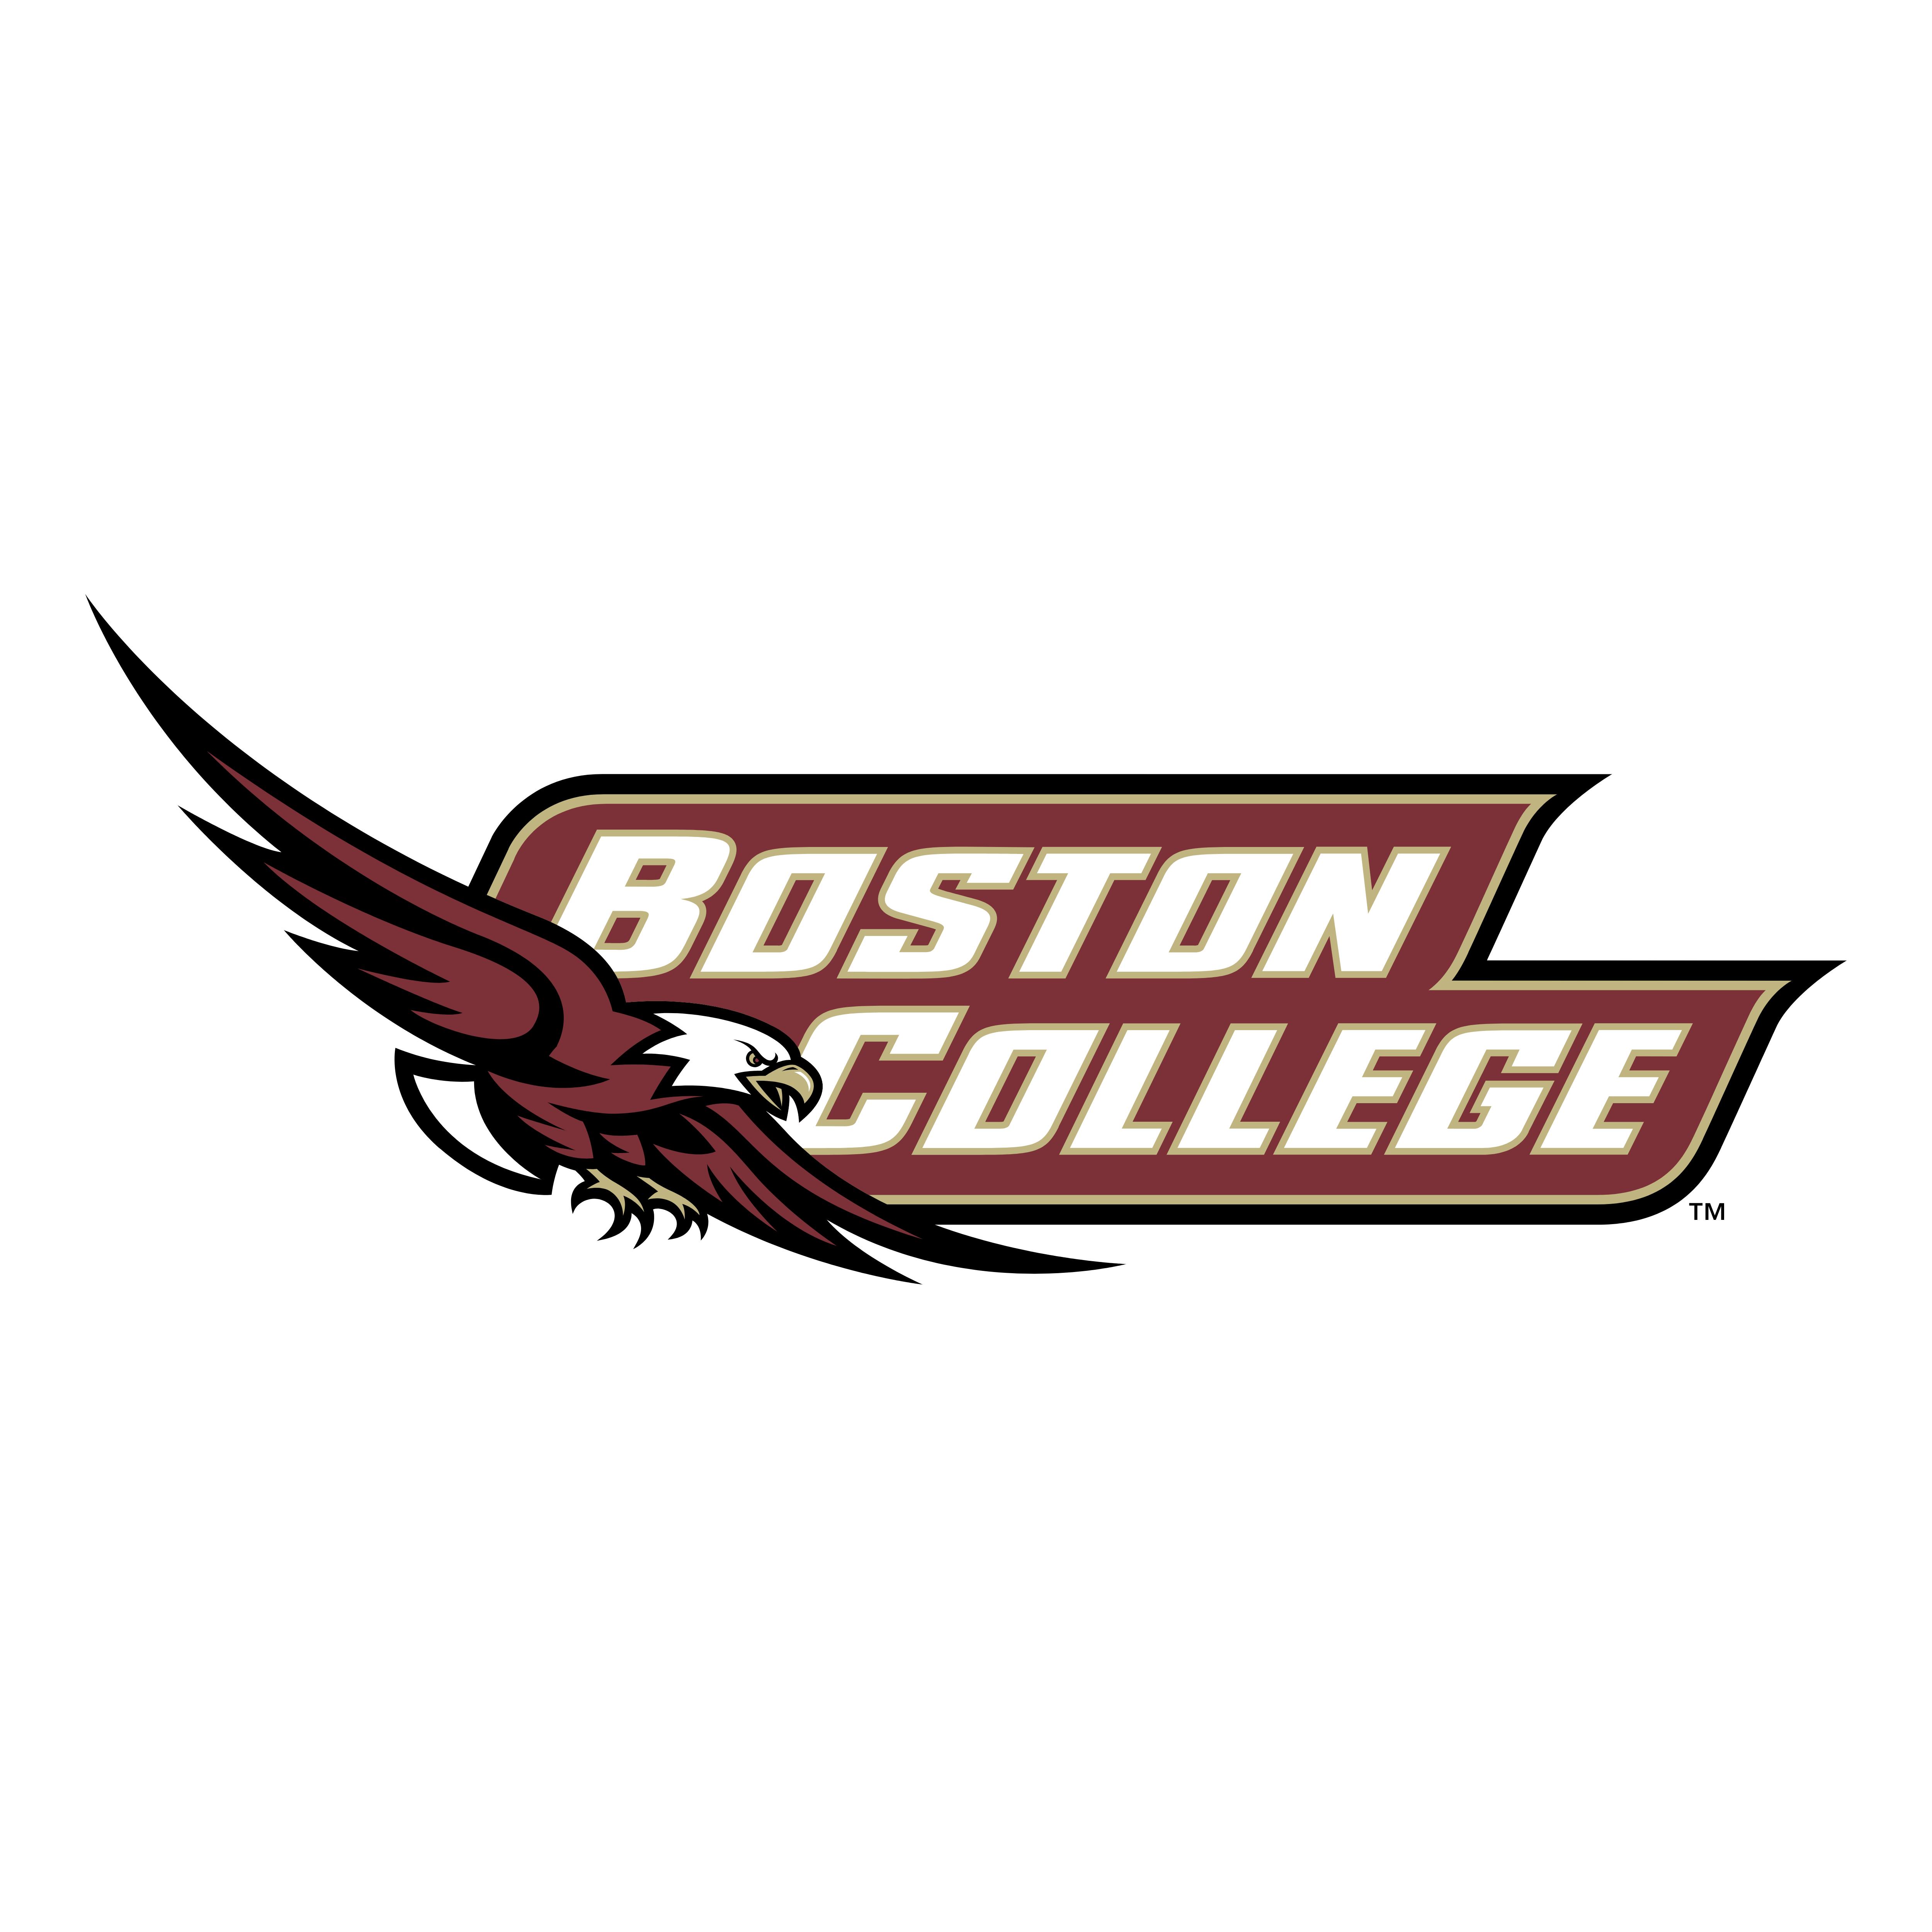 boston college eagles logos download rh logos download com boston college logo font boston college logo png